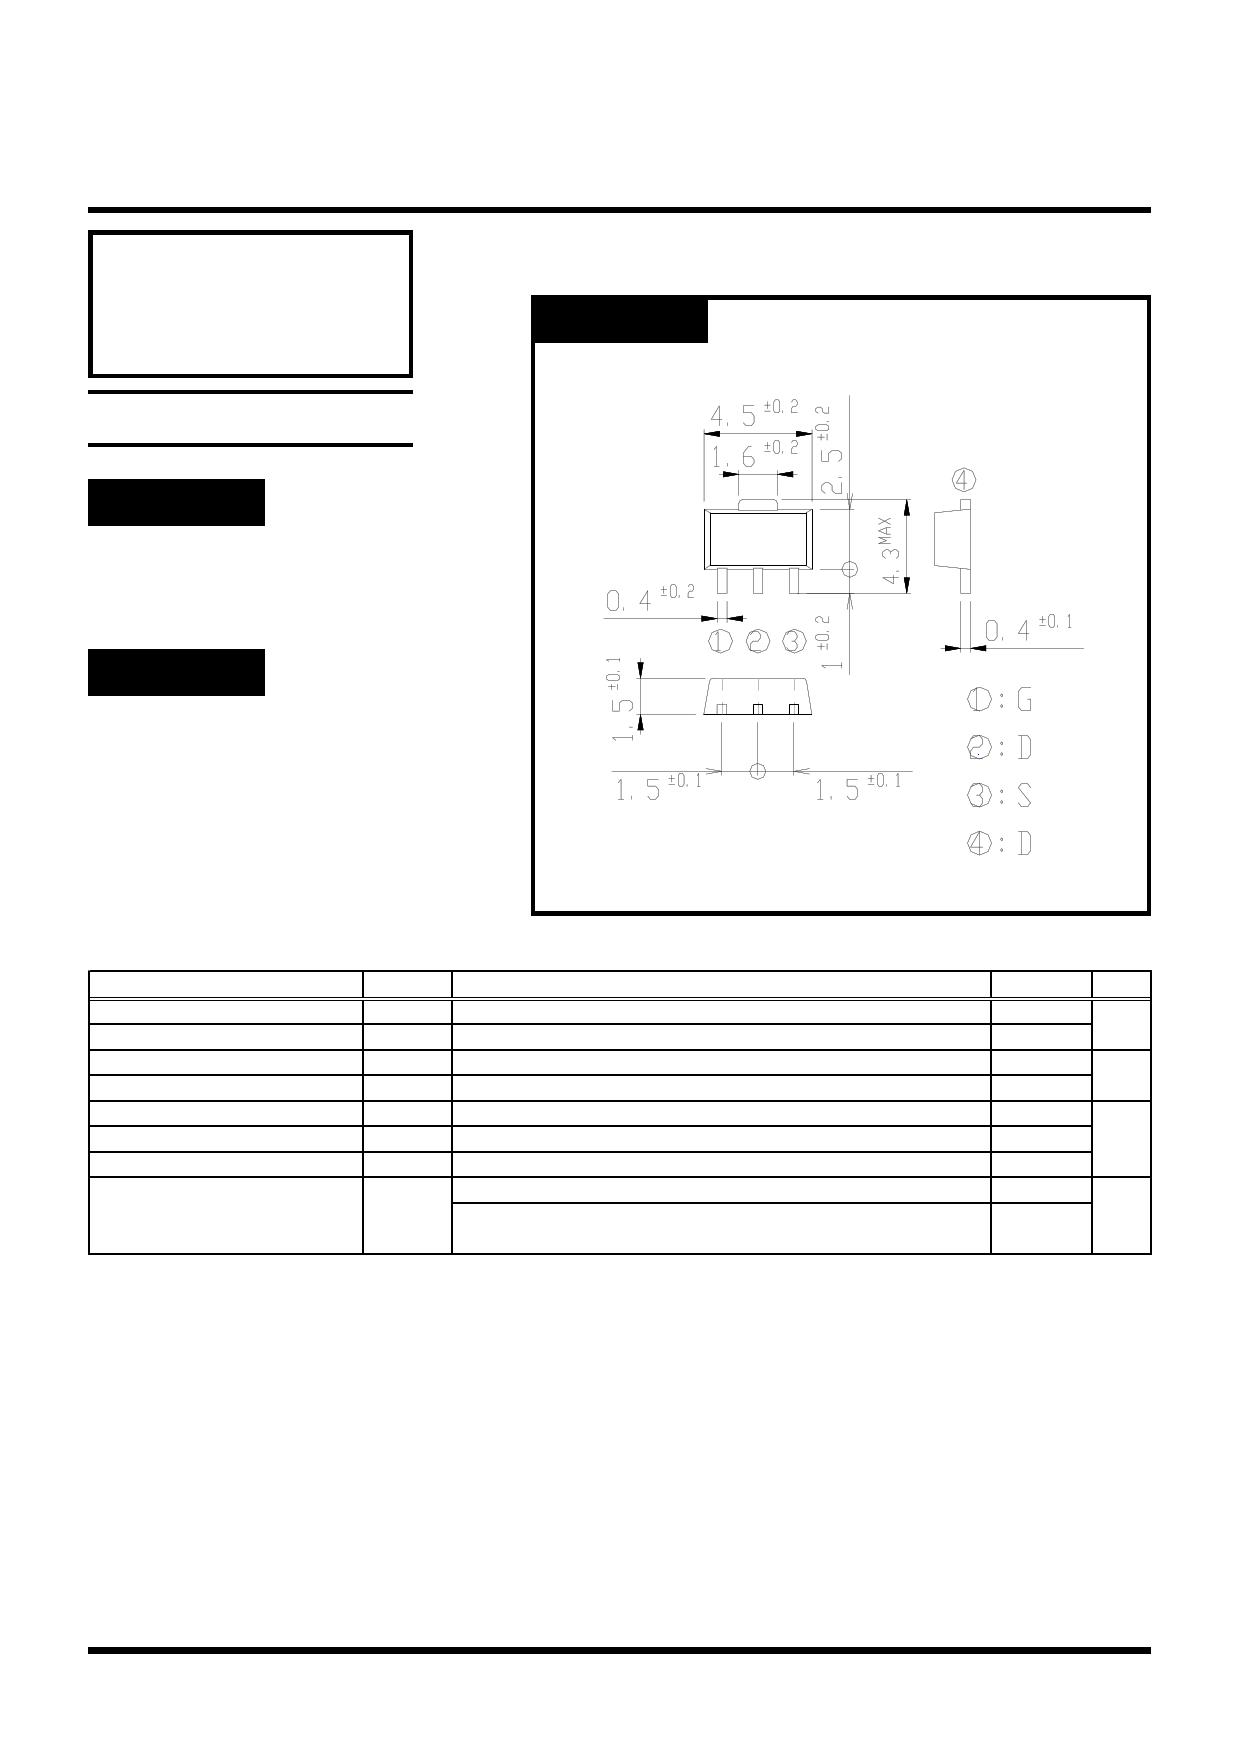 F05B23VR دیتاشیت PDF